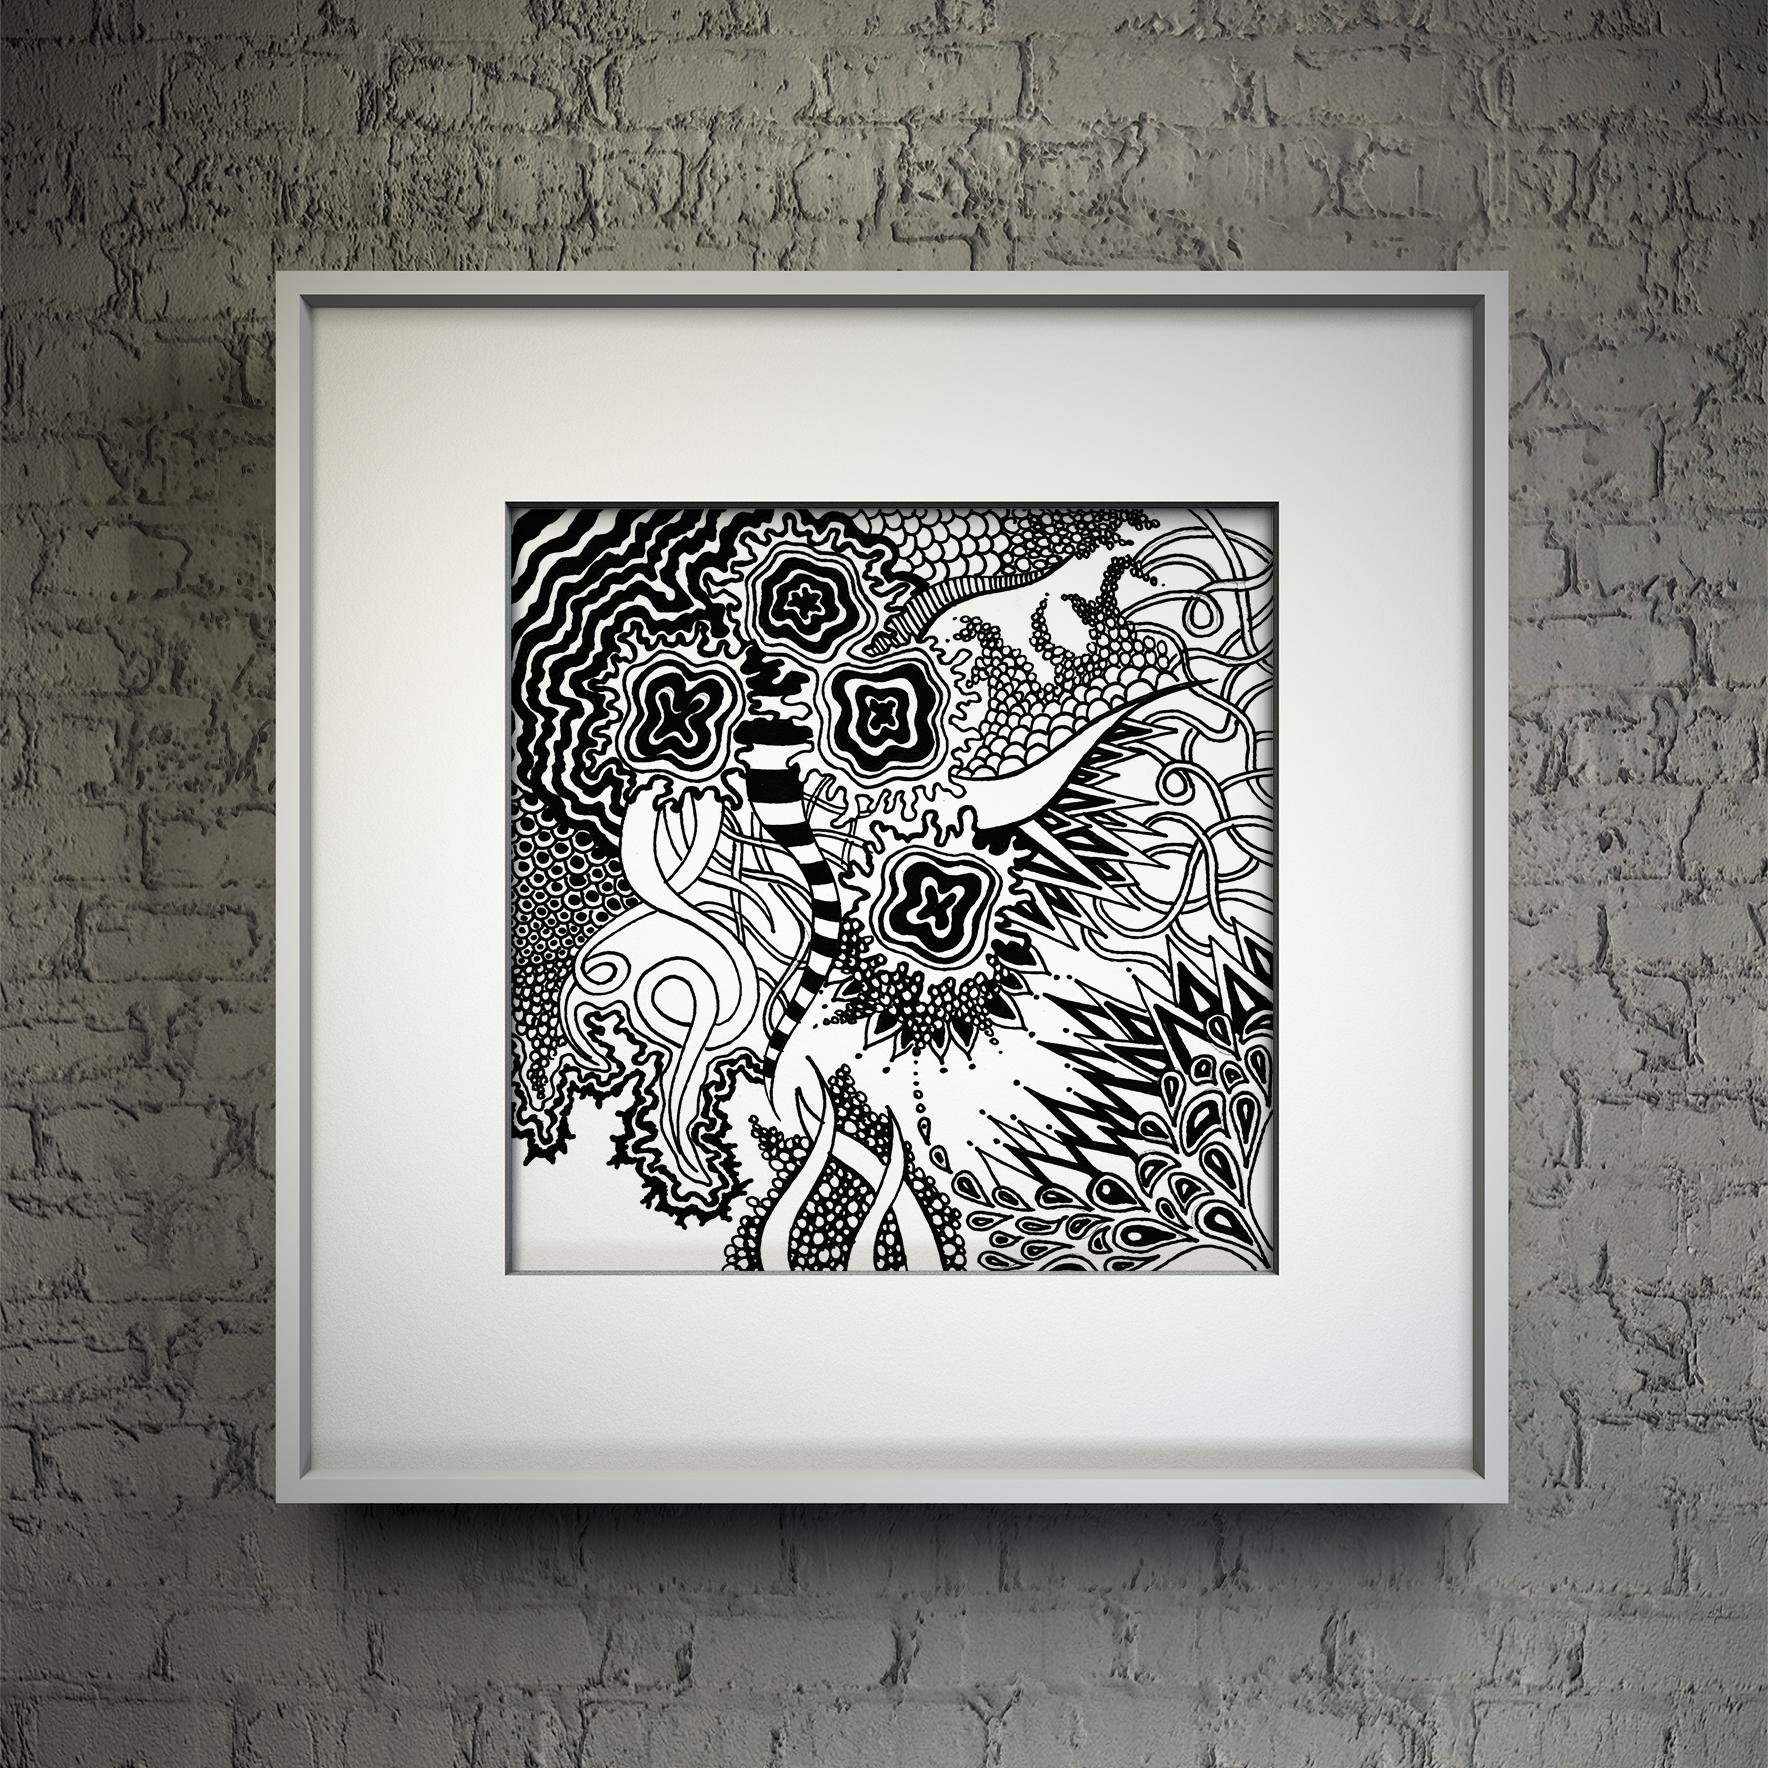 doodle2_framed.jpg